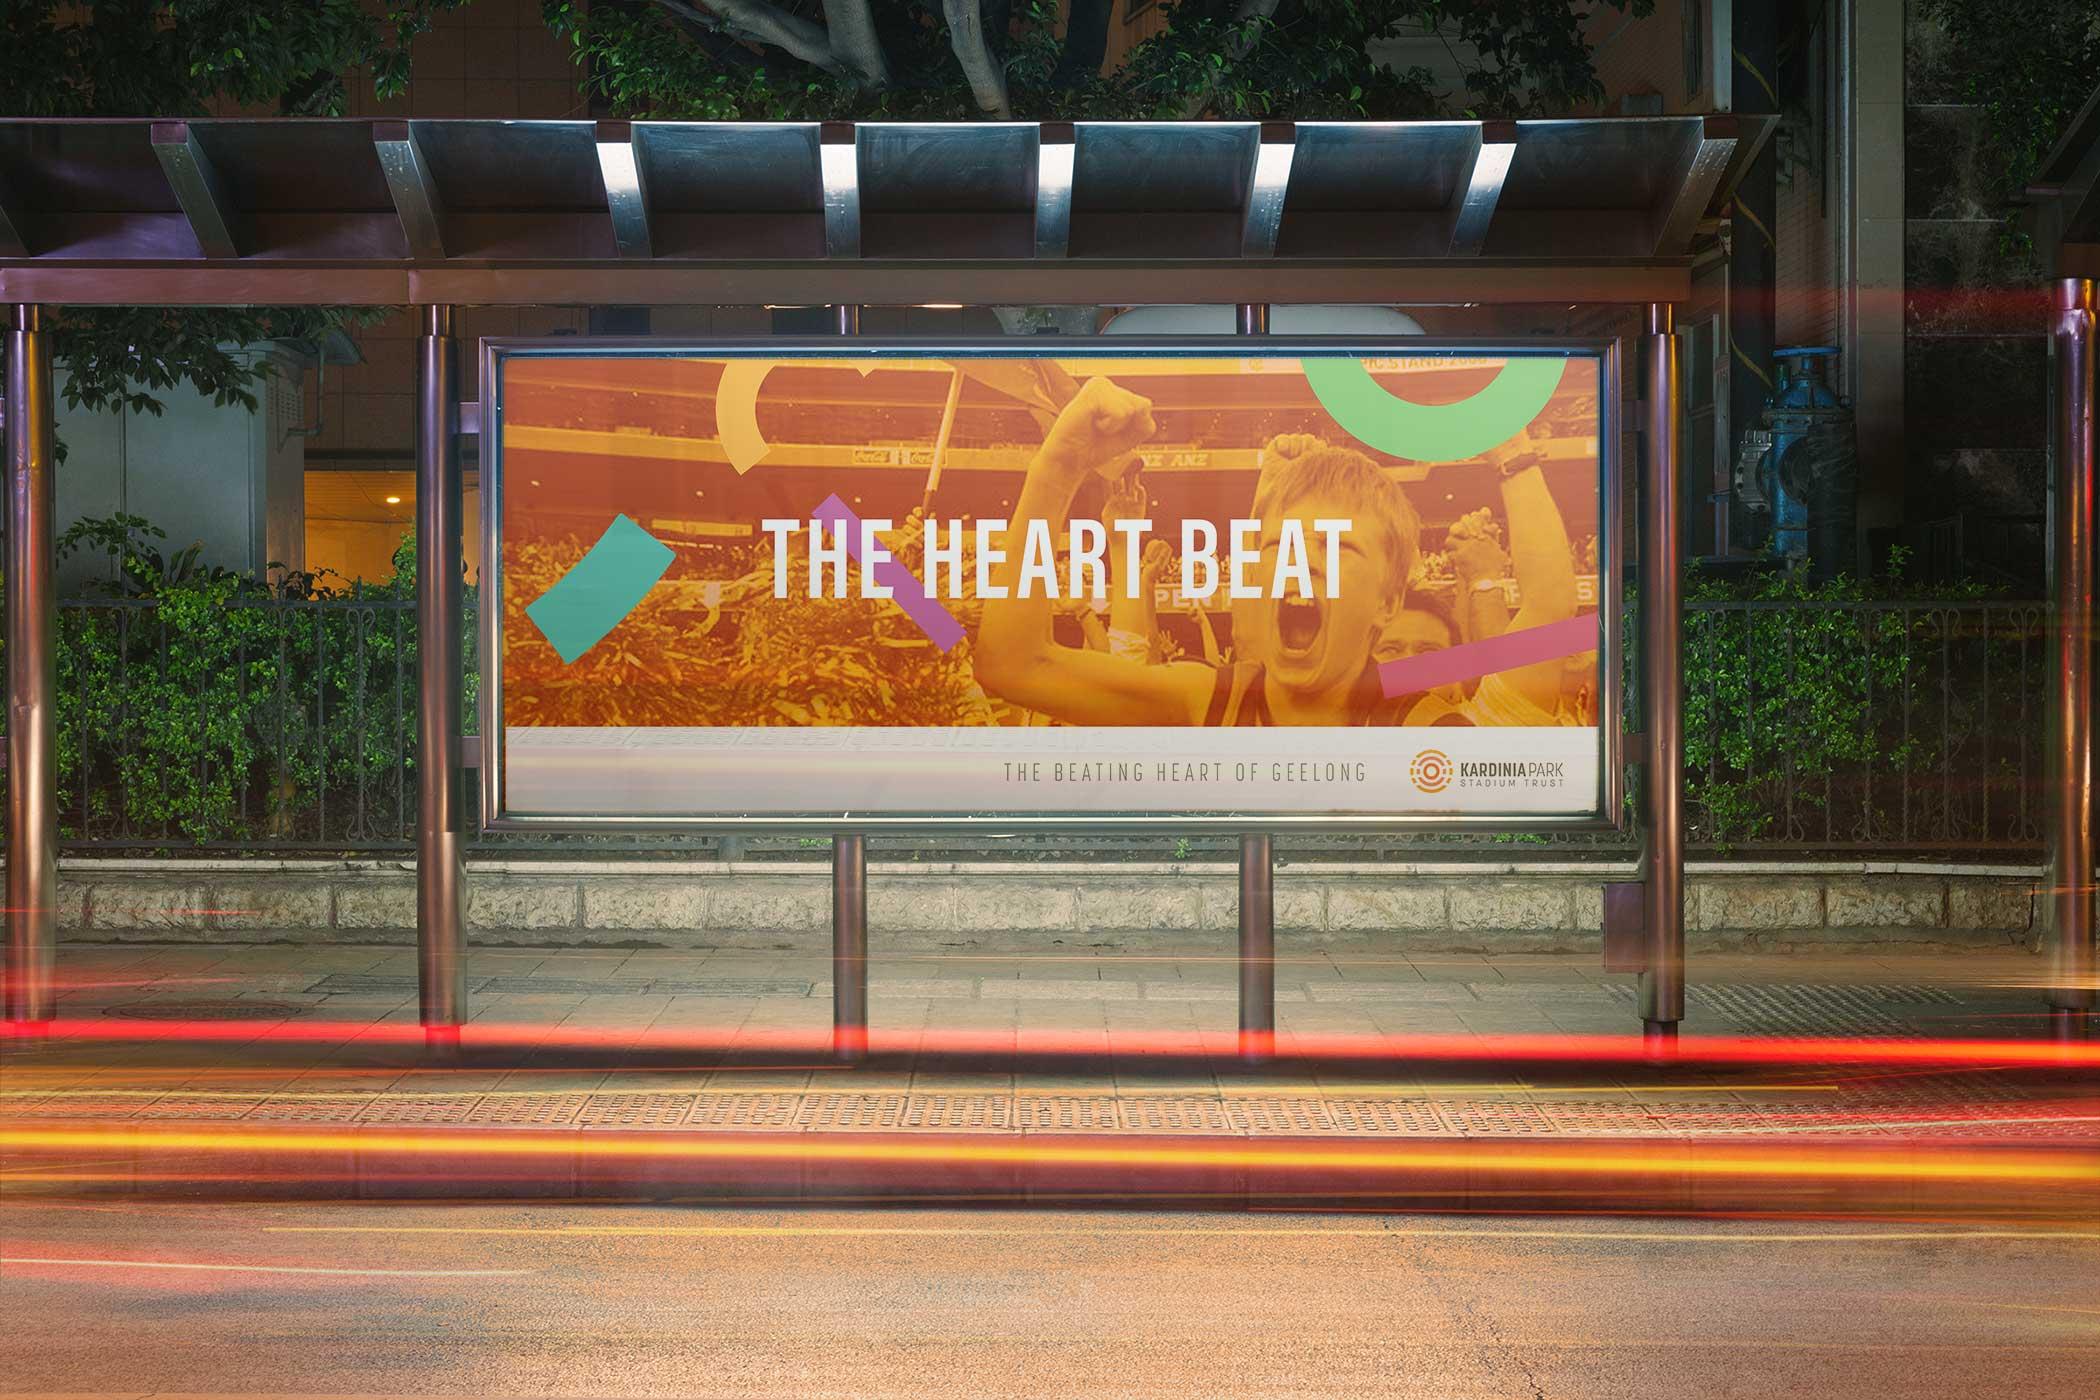 Kardinia Park Stadium Trust, advertising campaign